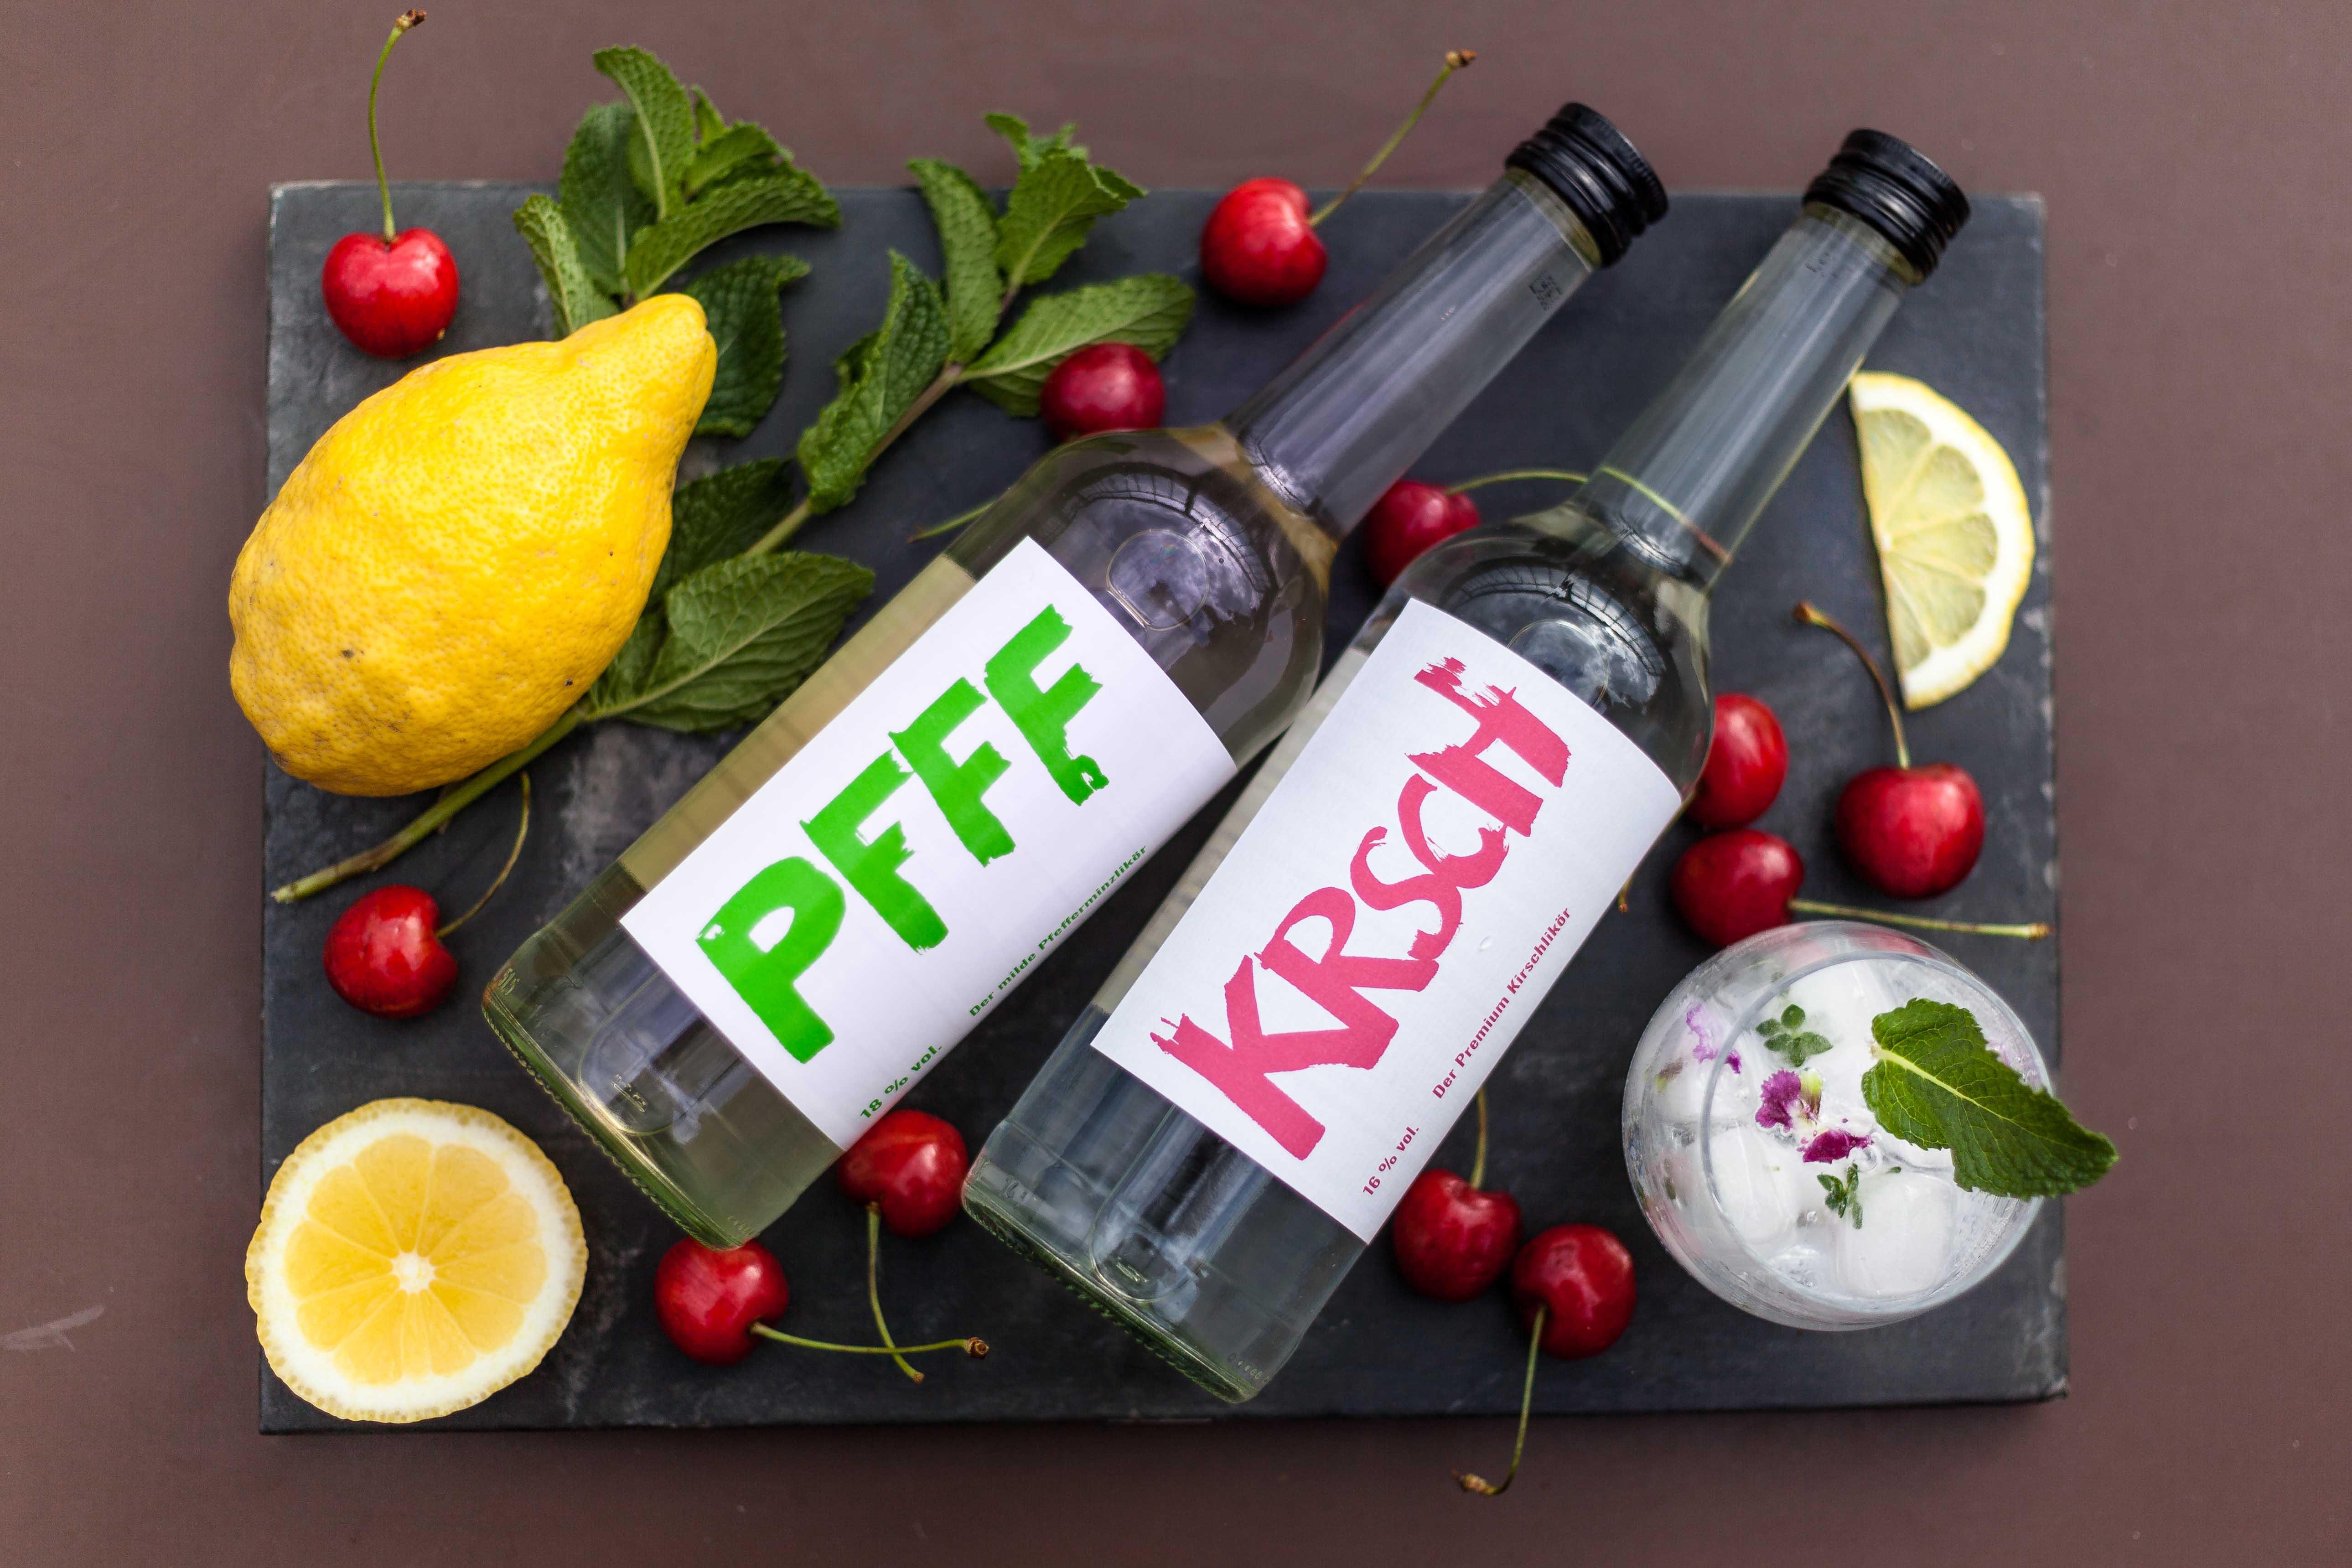 PFFF, KRSCH, Pfeffi, Kirsch, Peppermint Kiss